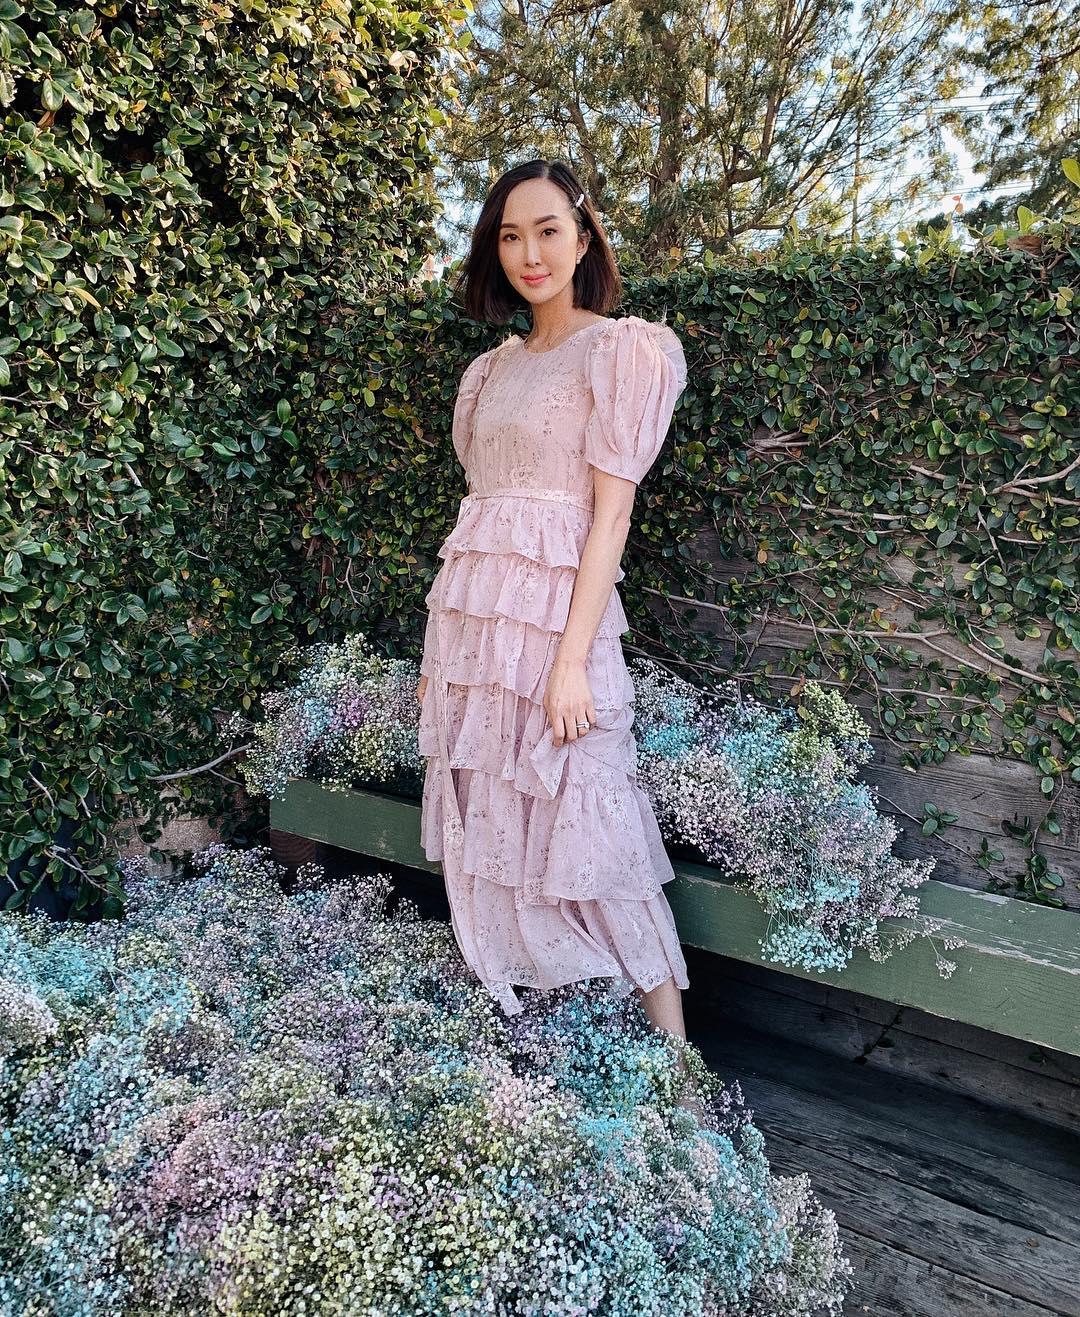 Fashionista Chriselle Lim diện đầm in hoa xếp tầng màu pastel trang nhã